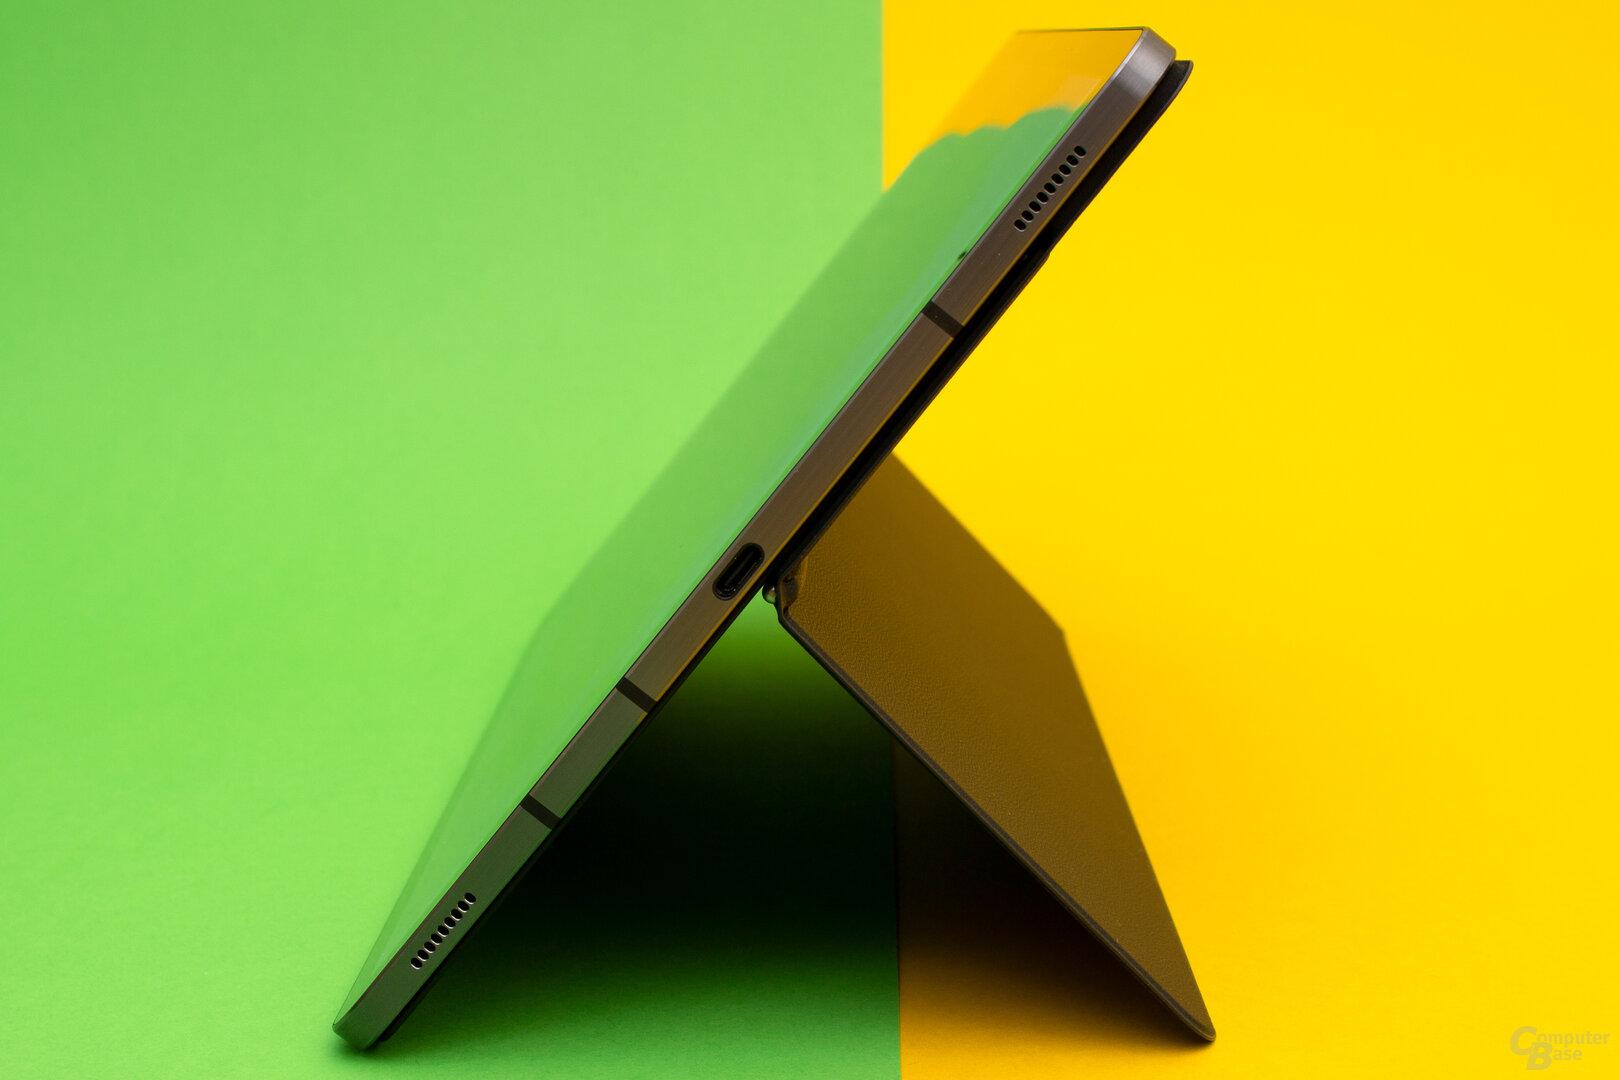 Mit dem Book Cover Keyboard lässt sich das Galaxy Tab S7+ in nahezu jedem beliebigen Winkel aufstellen